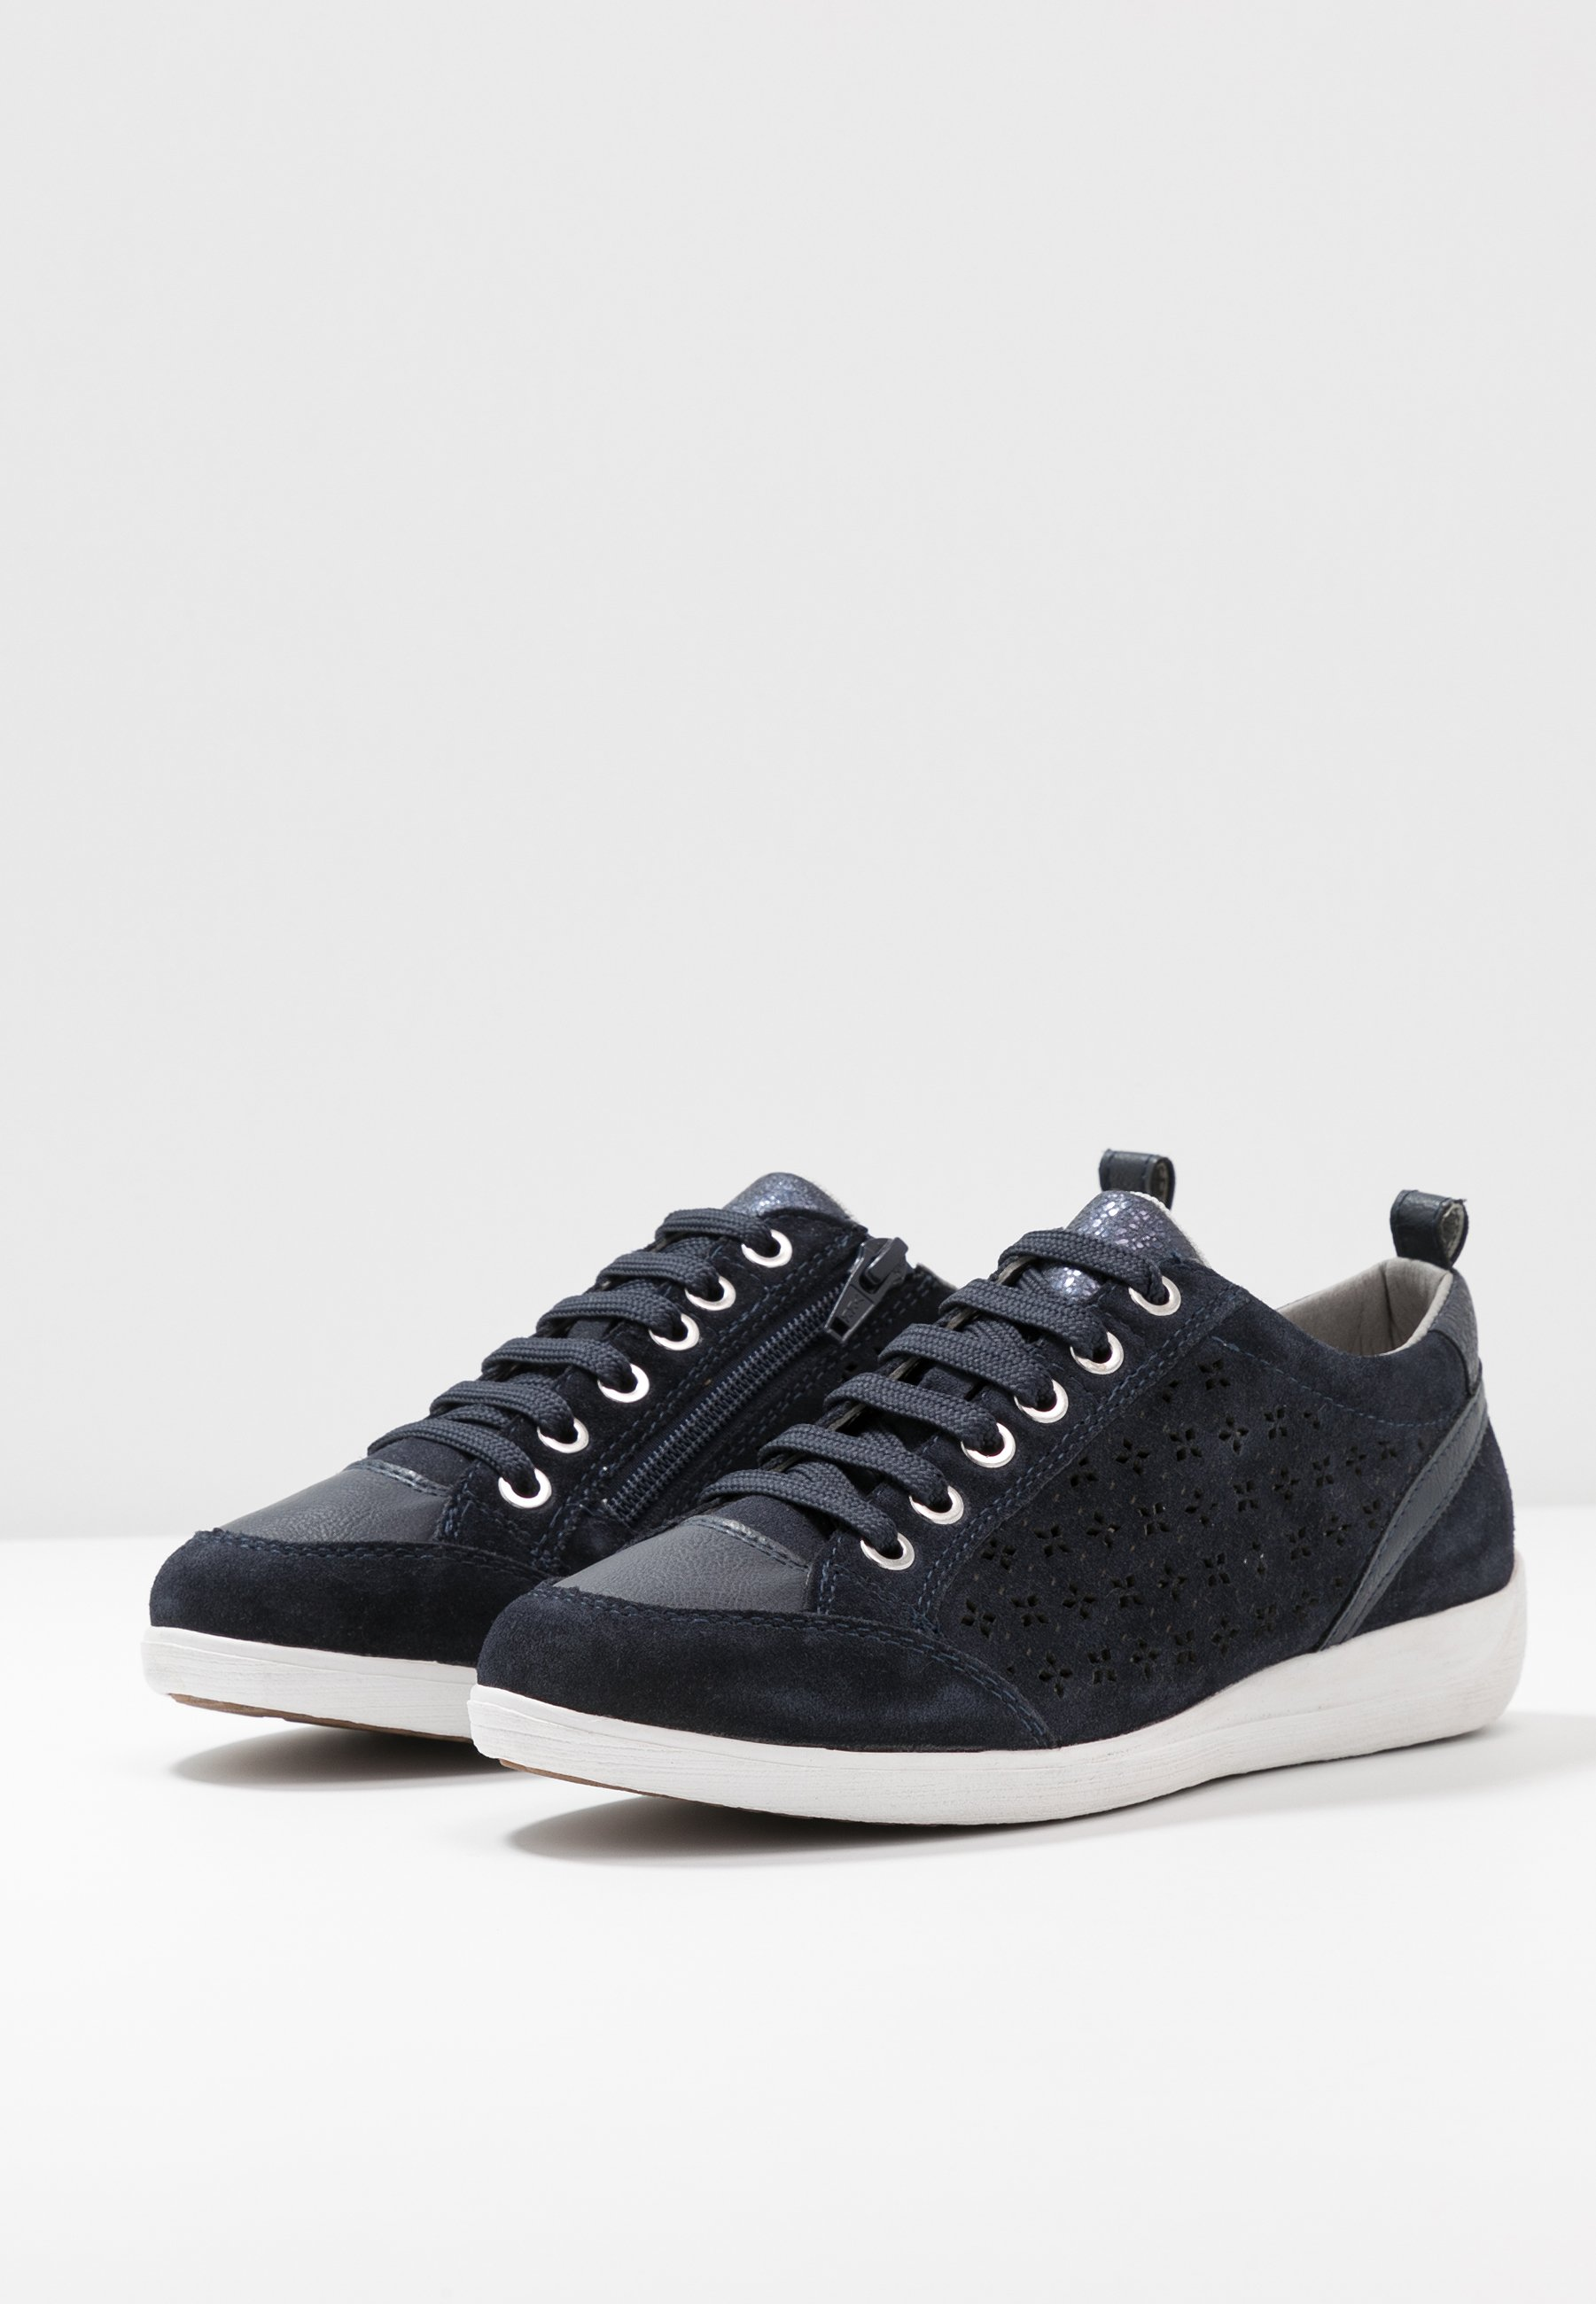 Geox Myria - Sneaker Low Navy Black Friday